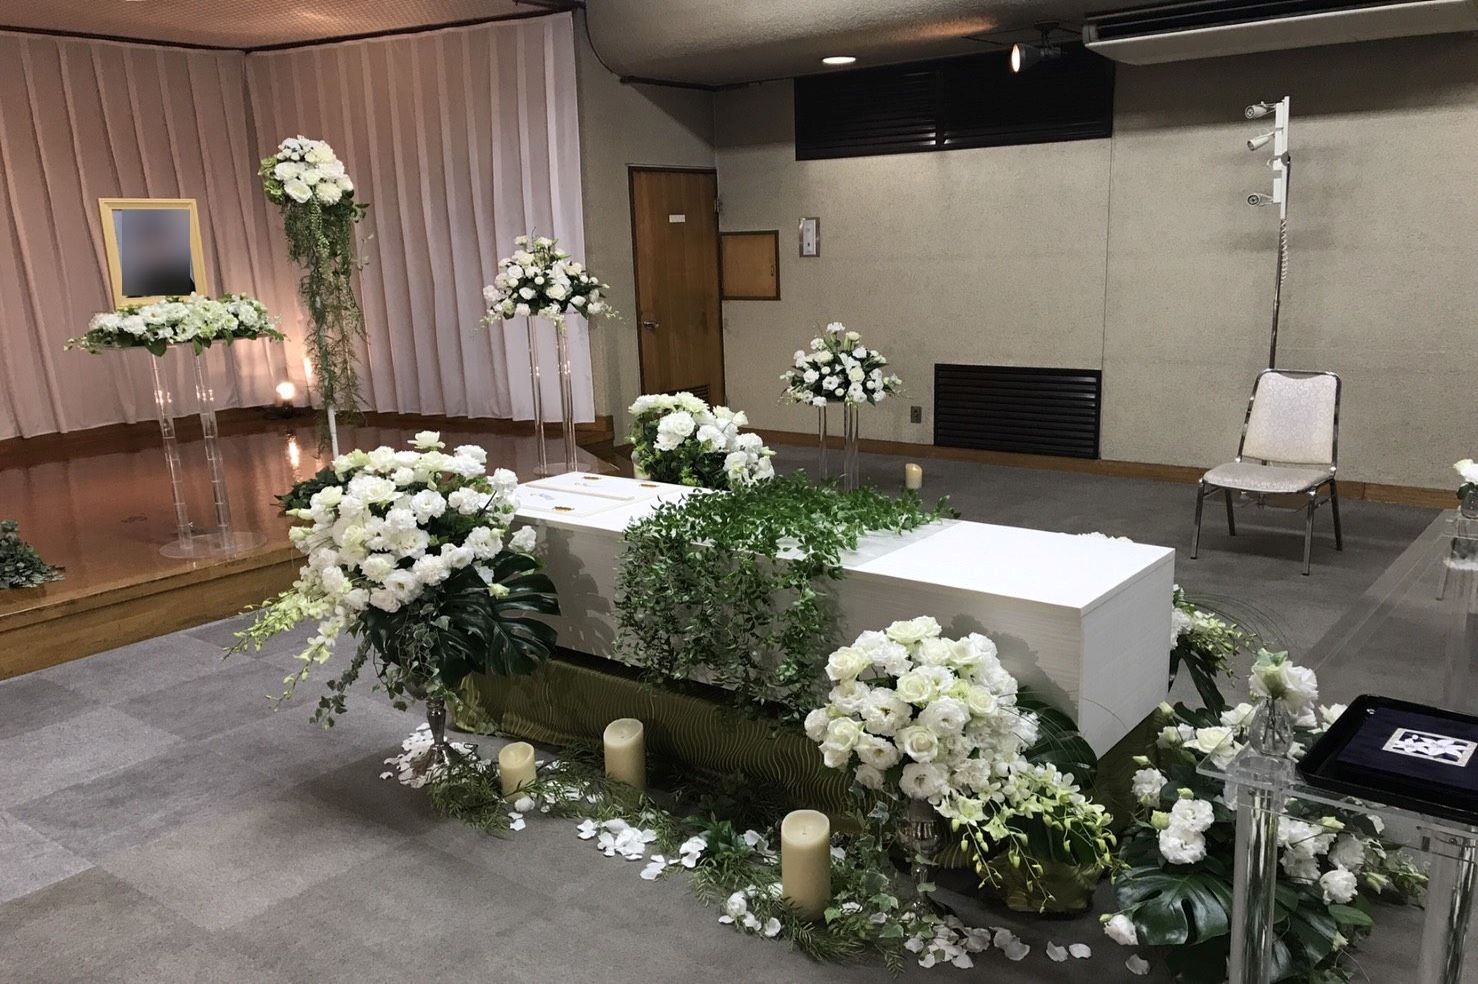 板橋区指定 舟渡斎場(地域外)